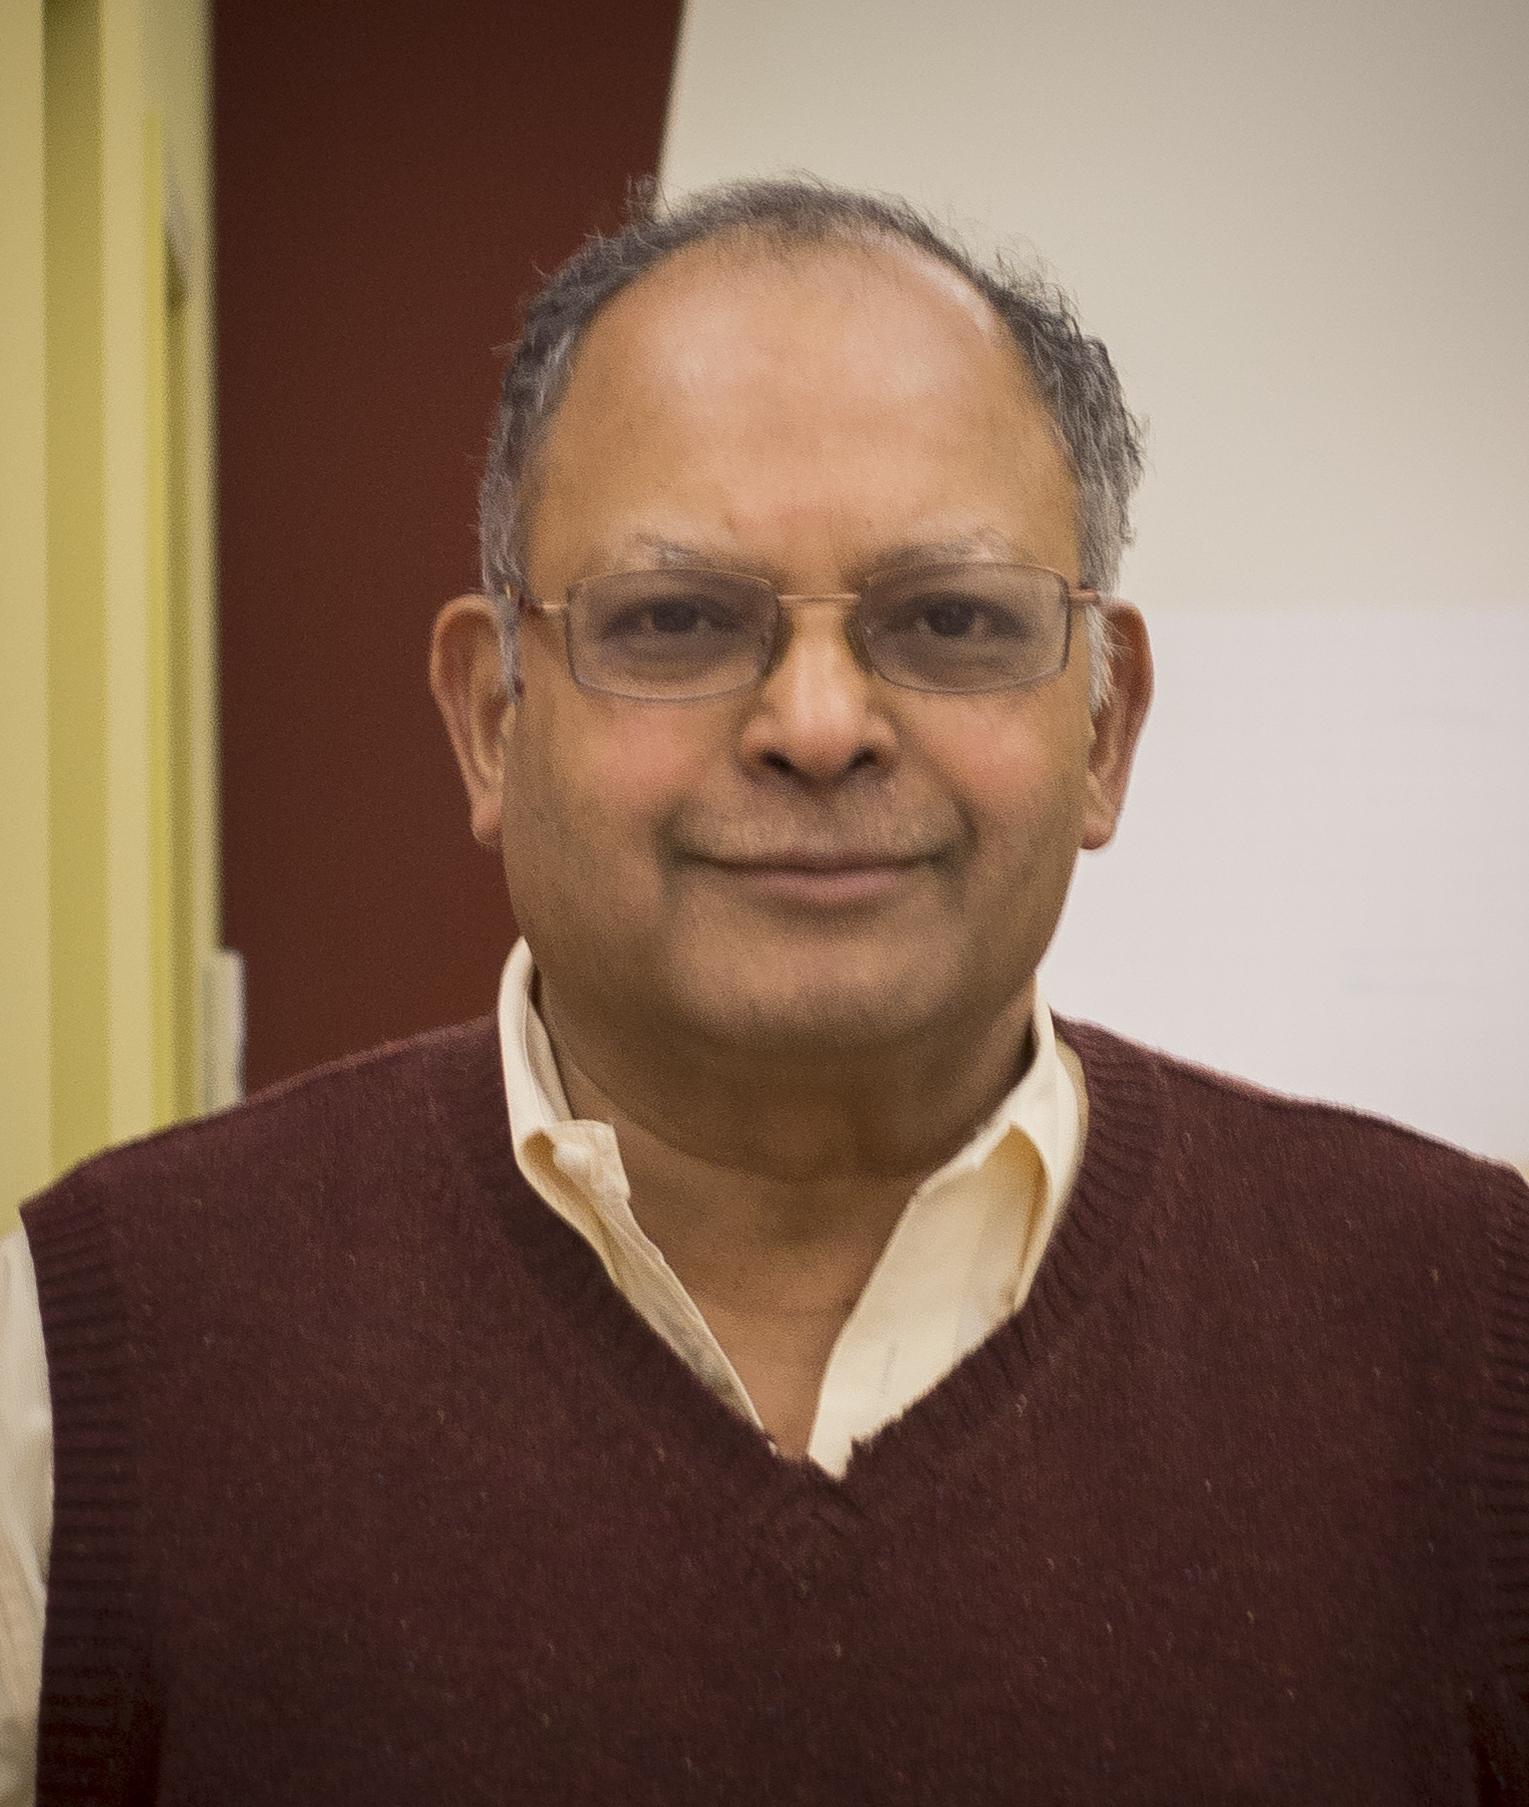 Nat S. Natarajan, PE, LEED AP